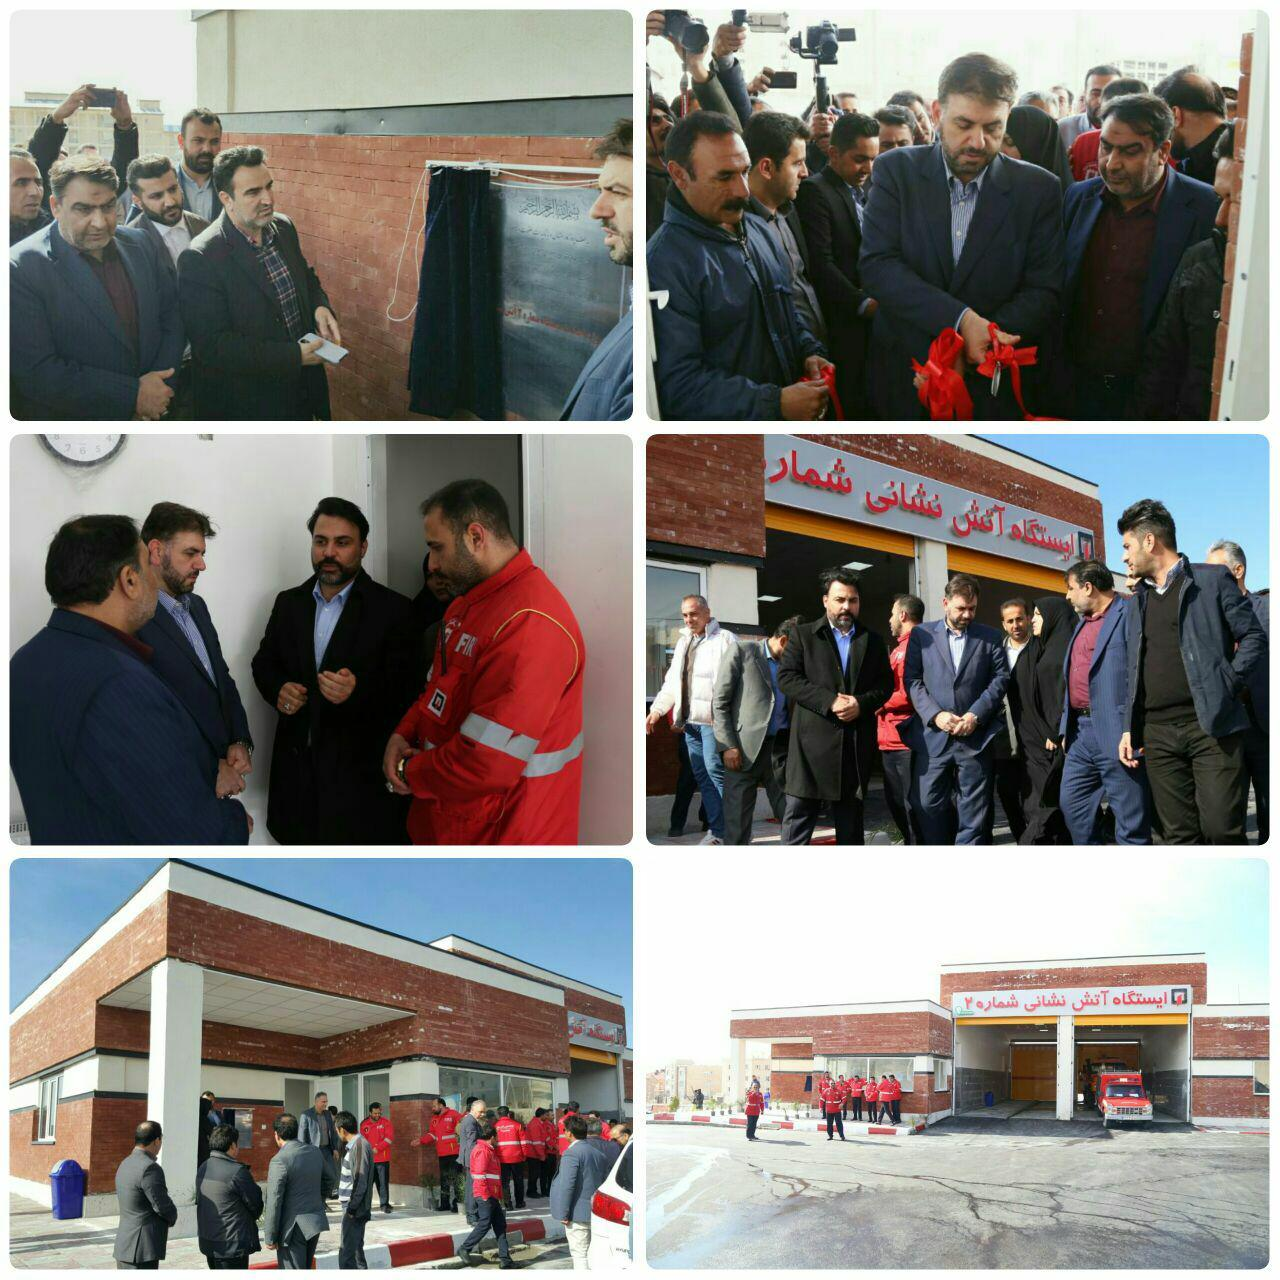 افتتاح ساختمان شماره دو آتش نشانی شهرداری پرند در آستانۀ یوم الله ۲۲ بهمن